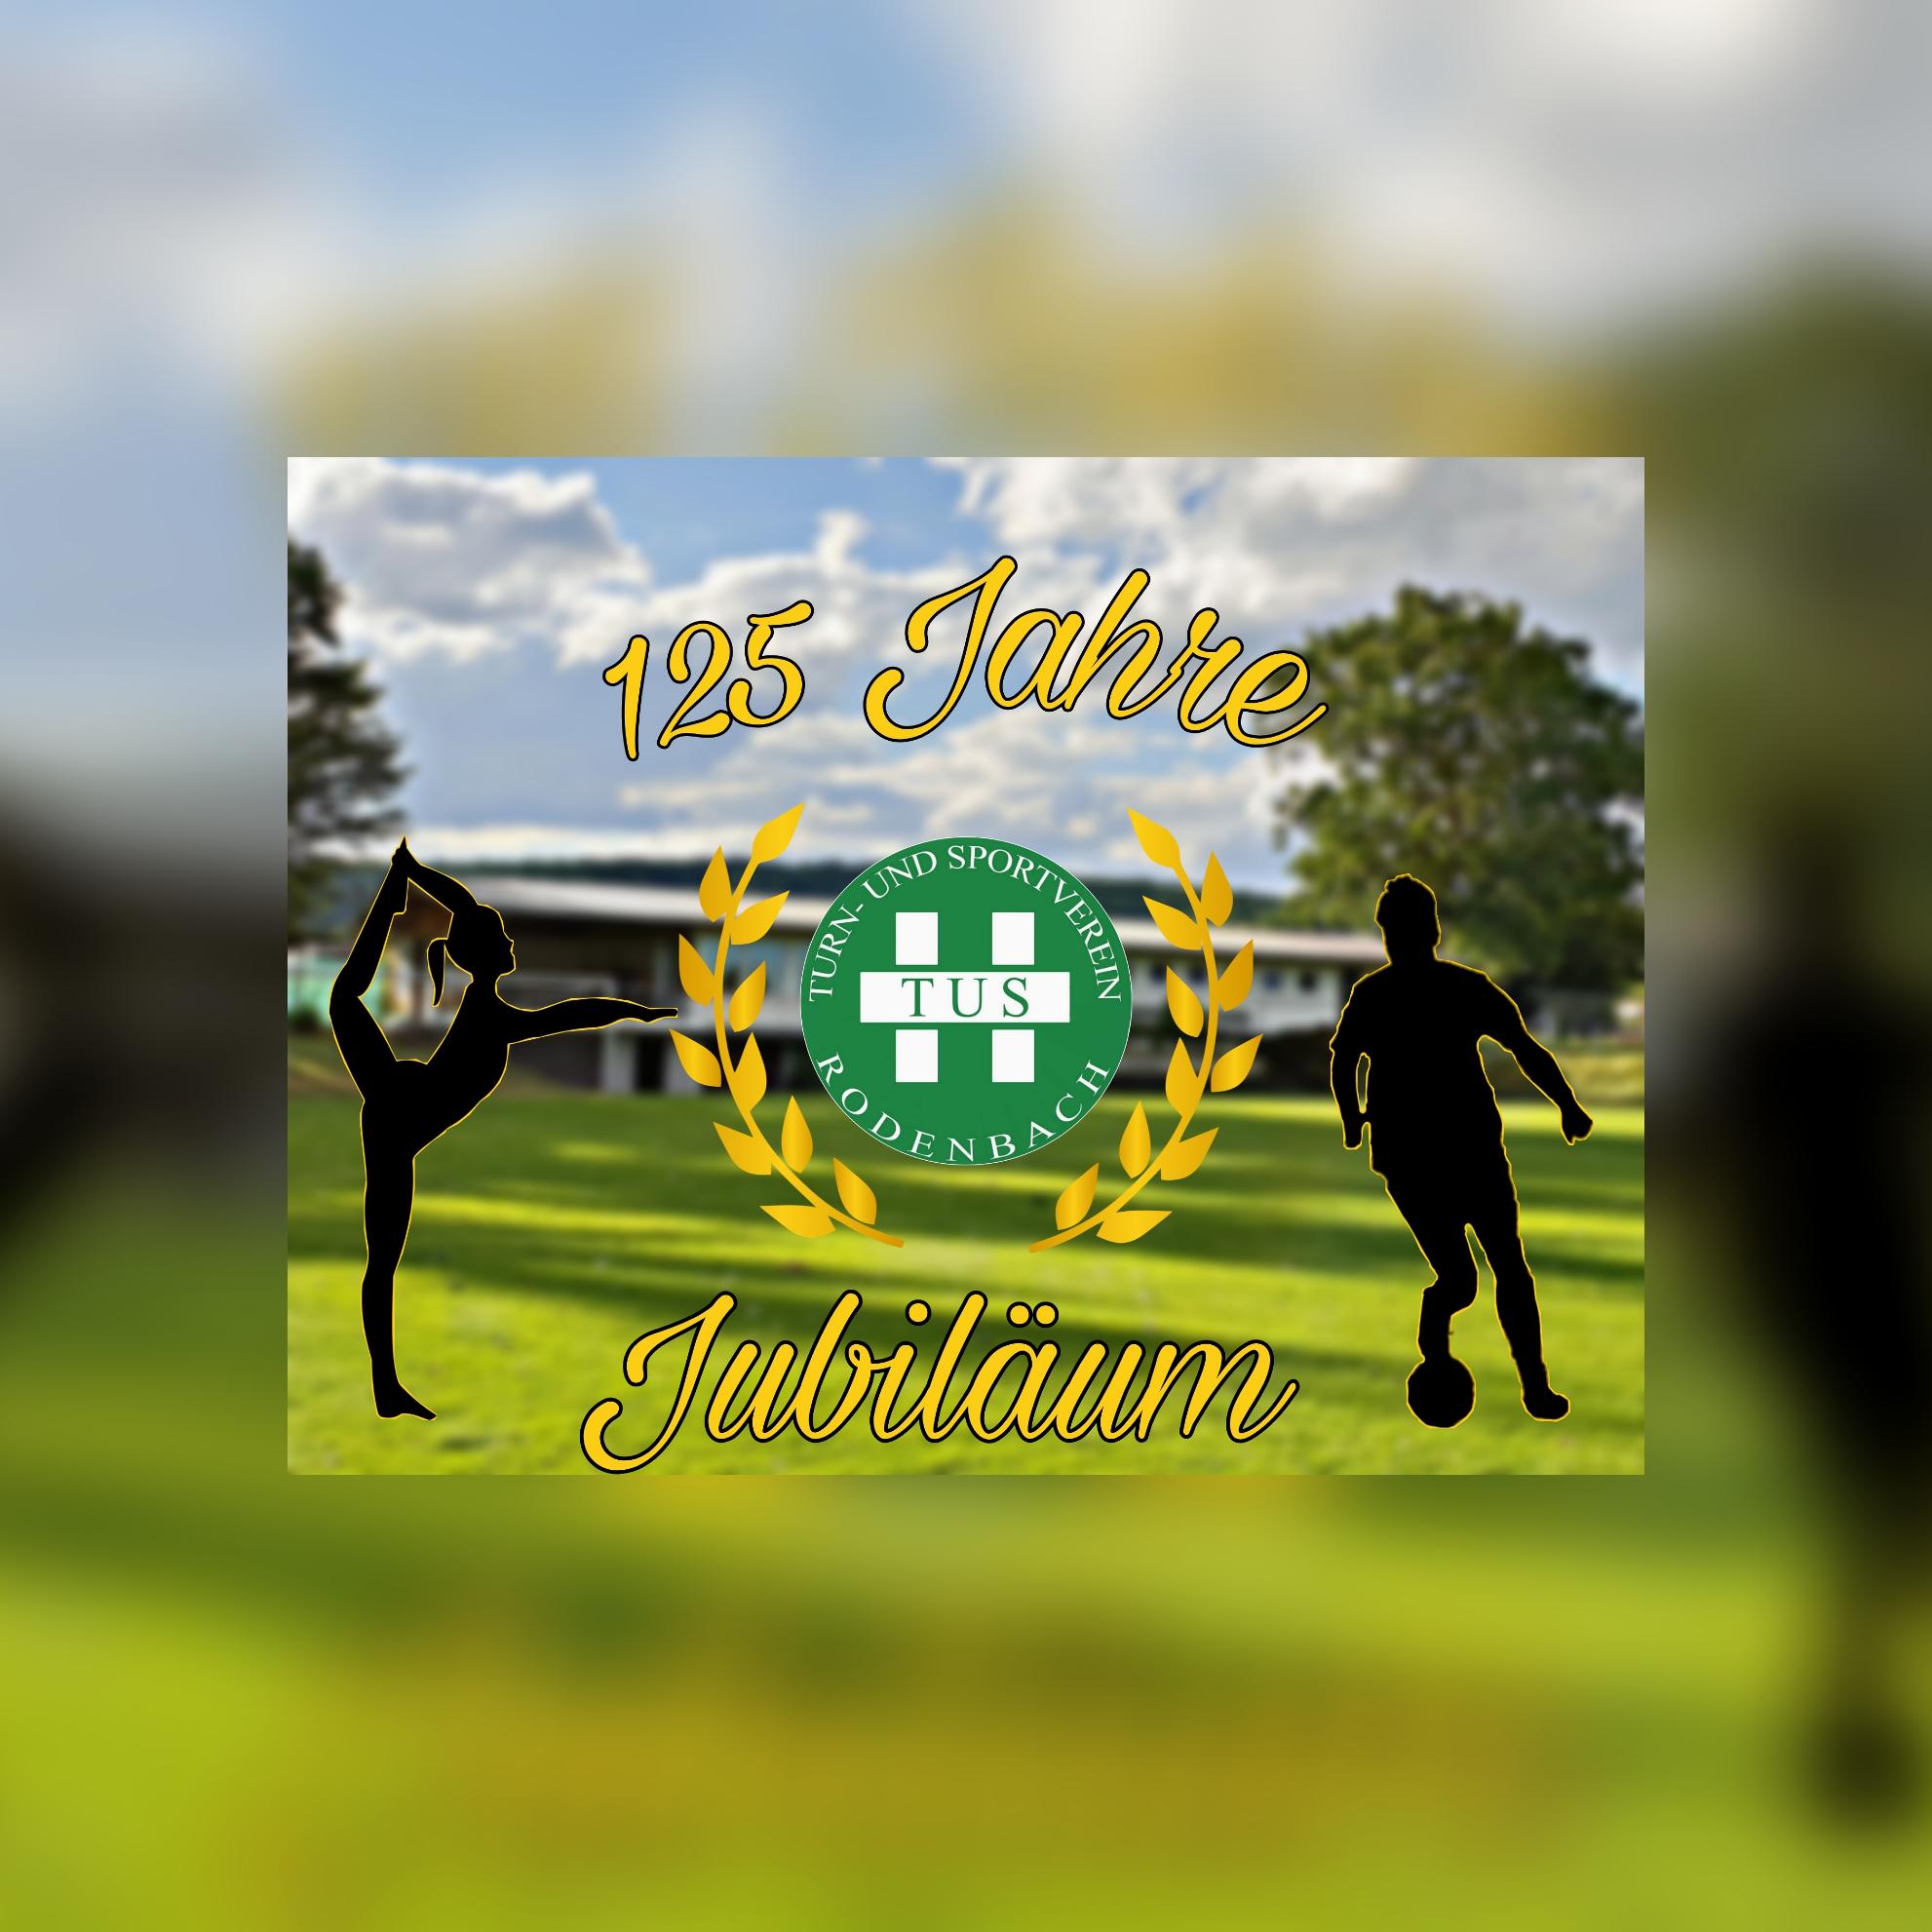 125 Jahre TuS Rodenbach